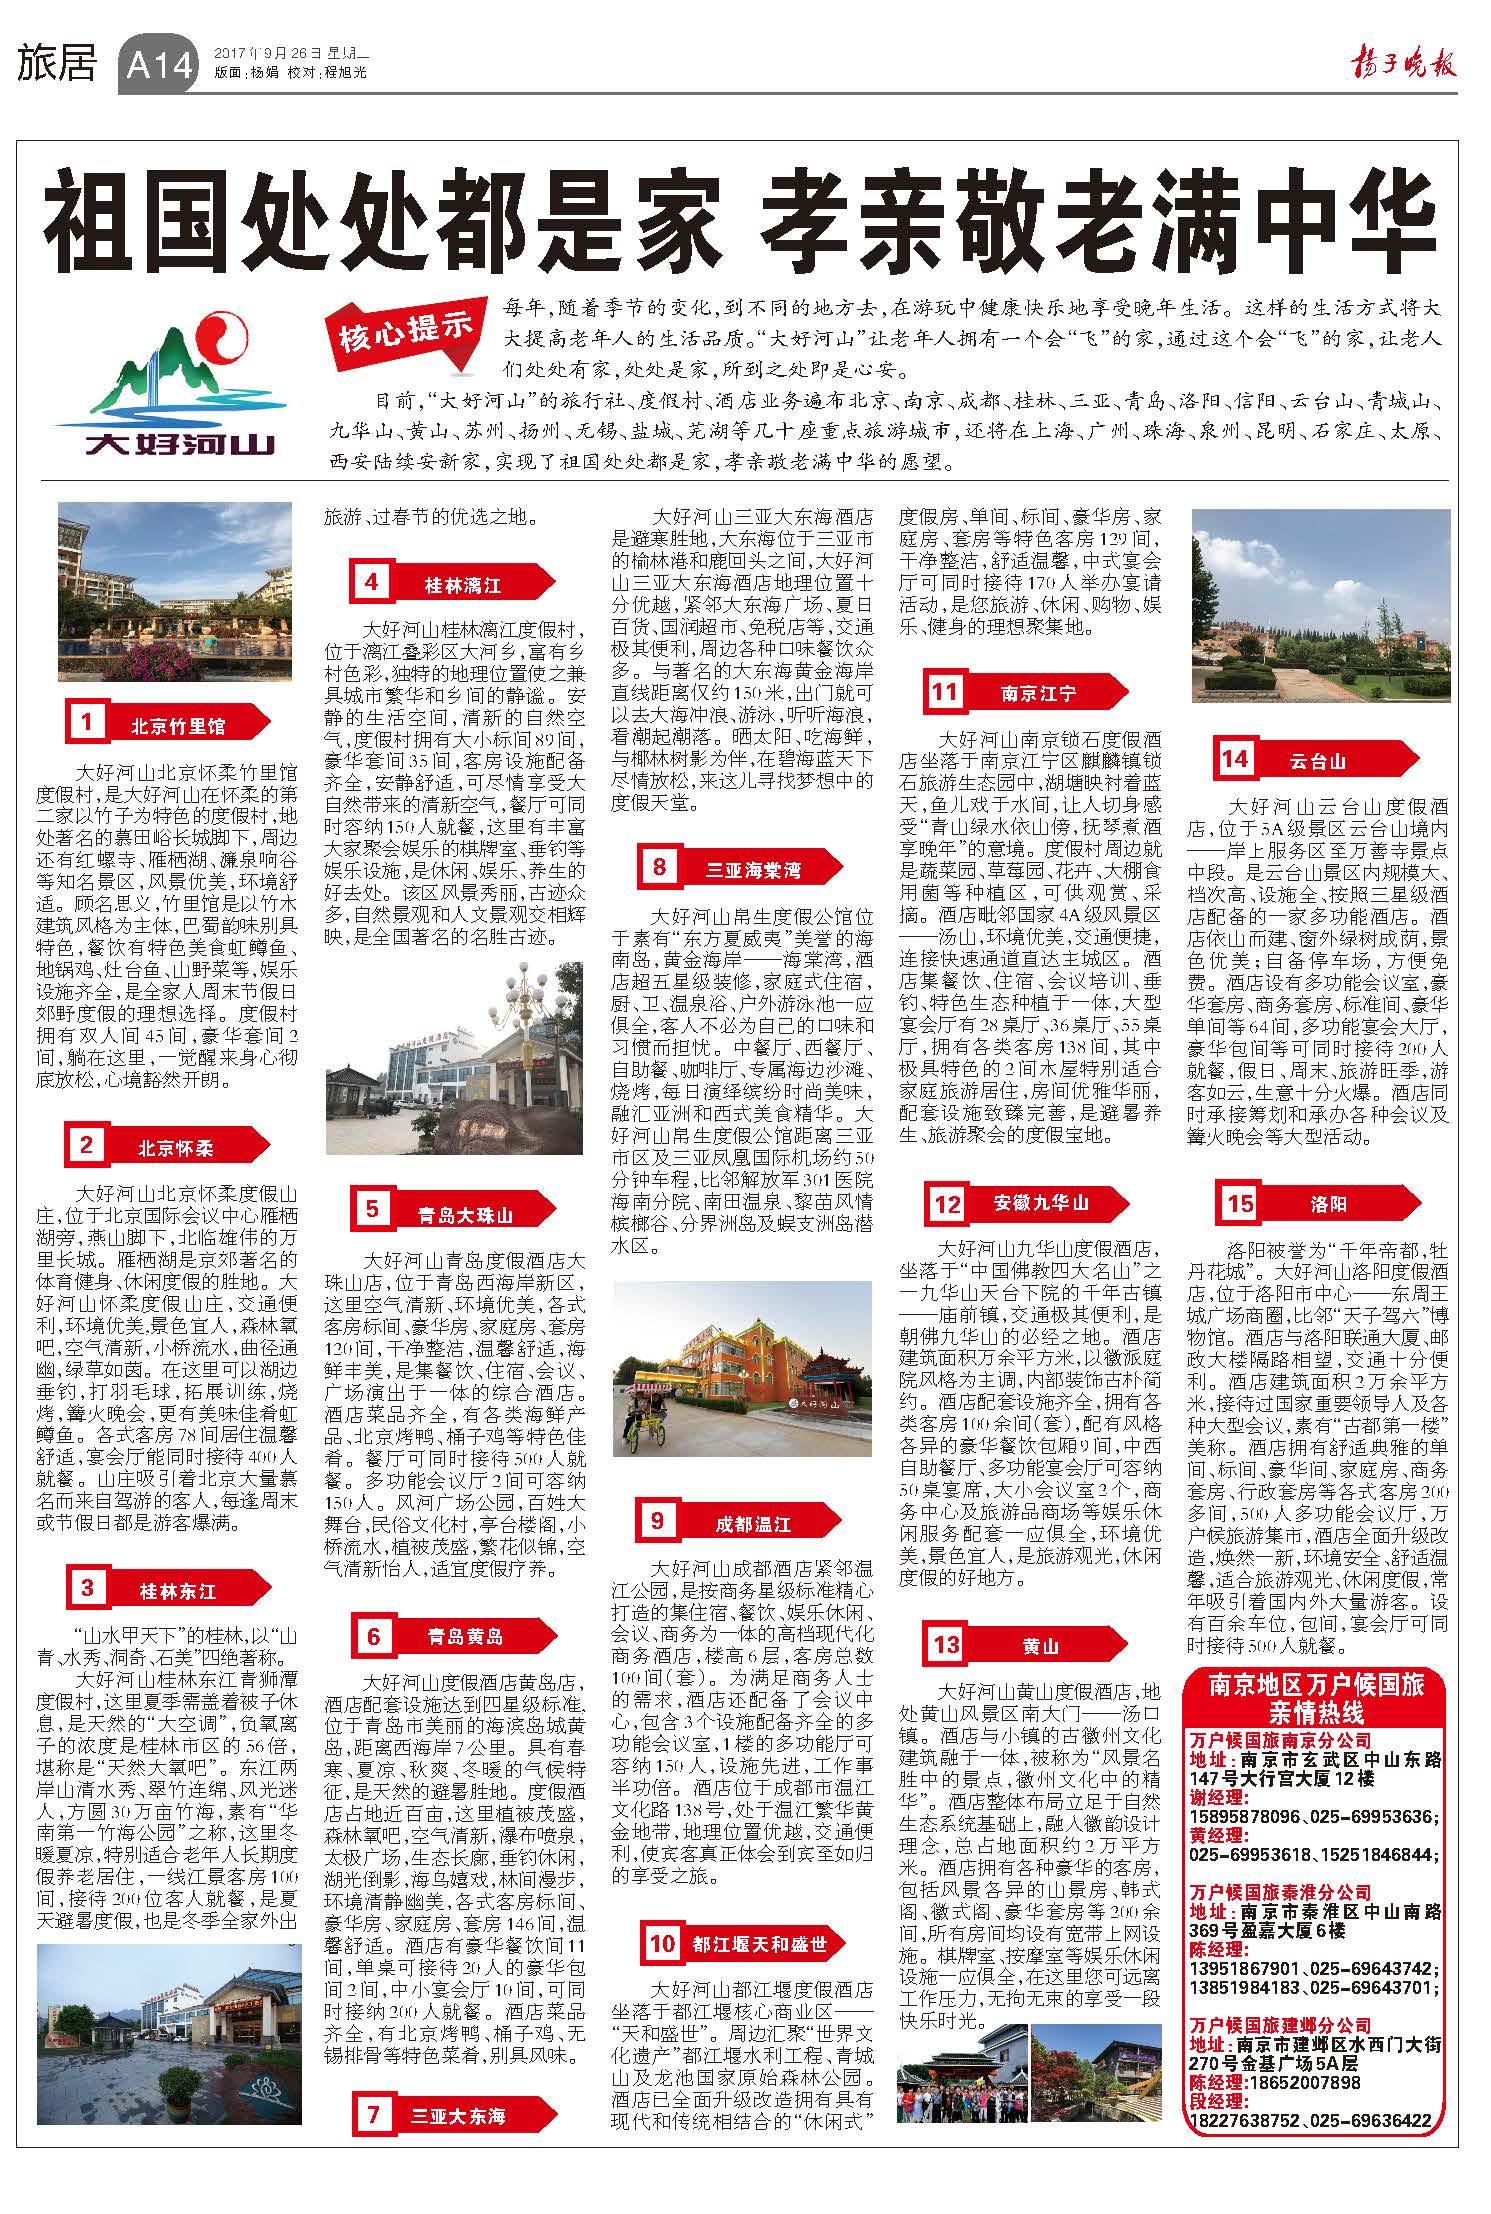 扬子晚报 2017-09-26 A14